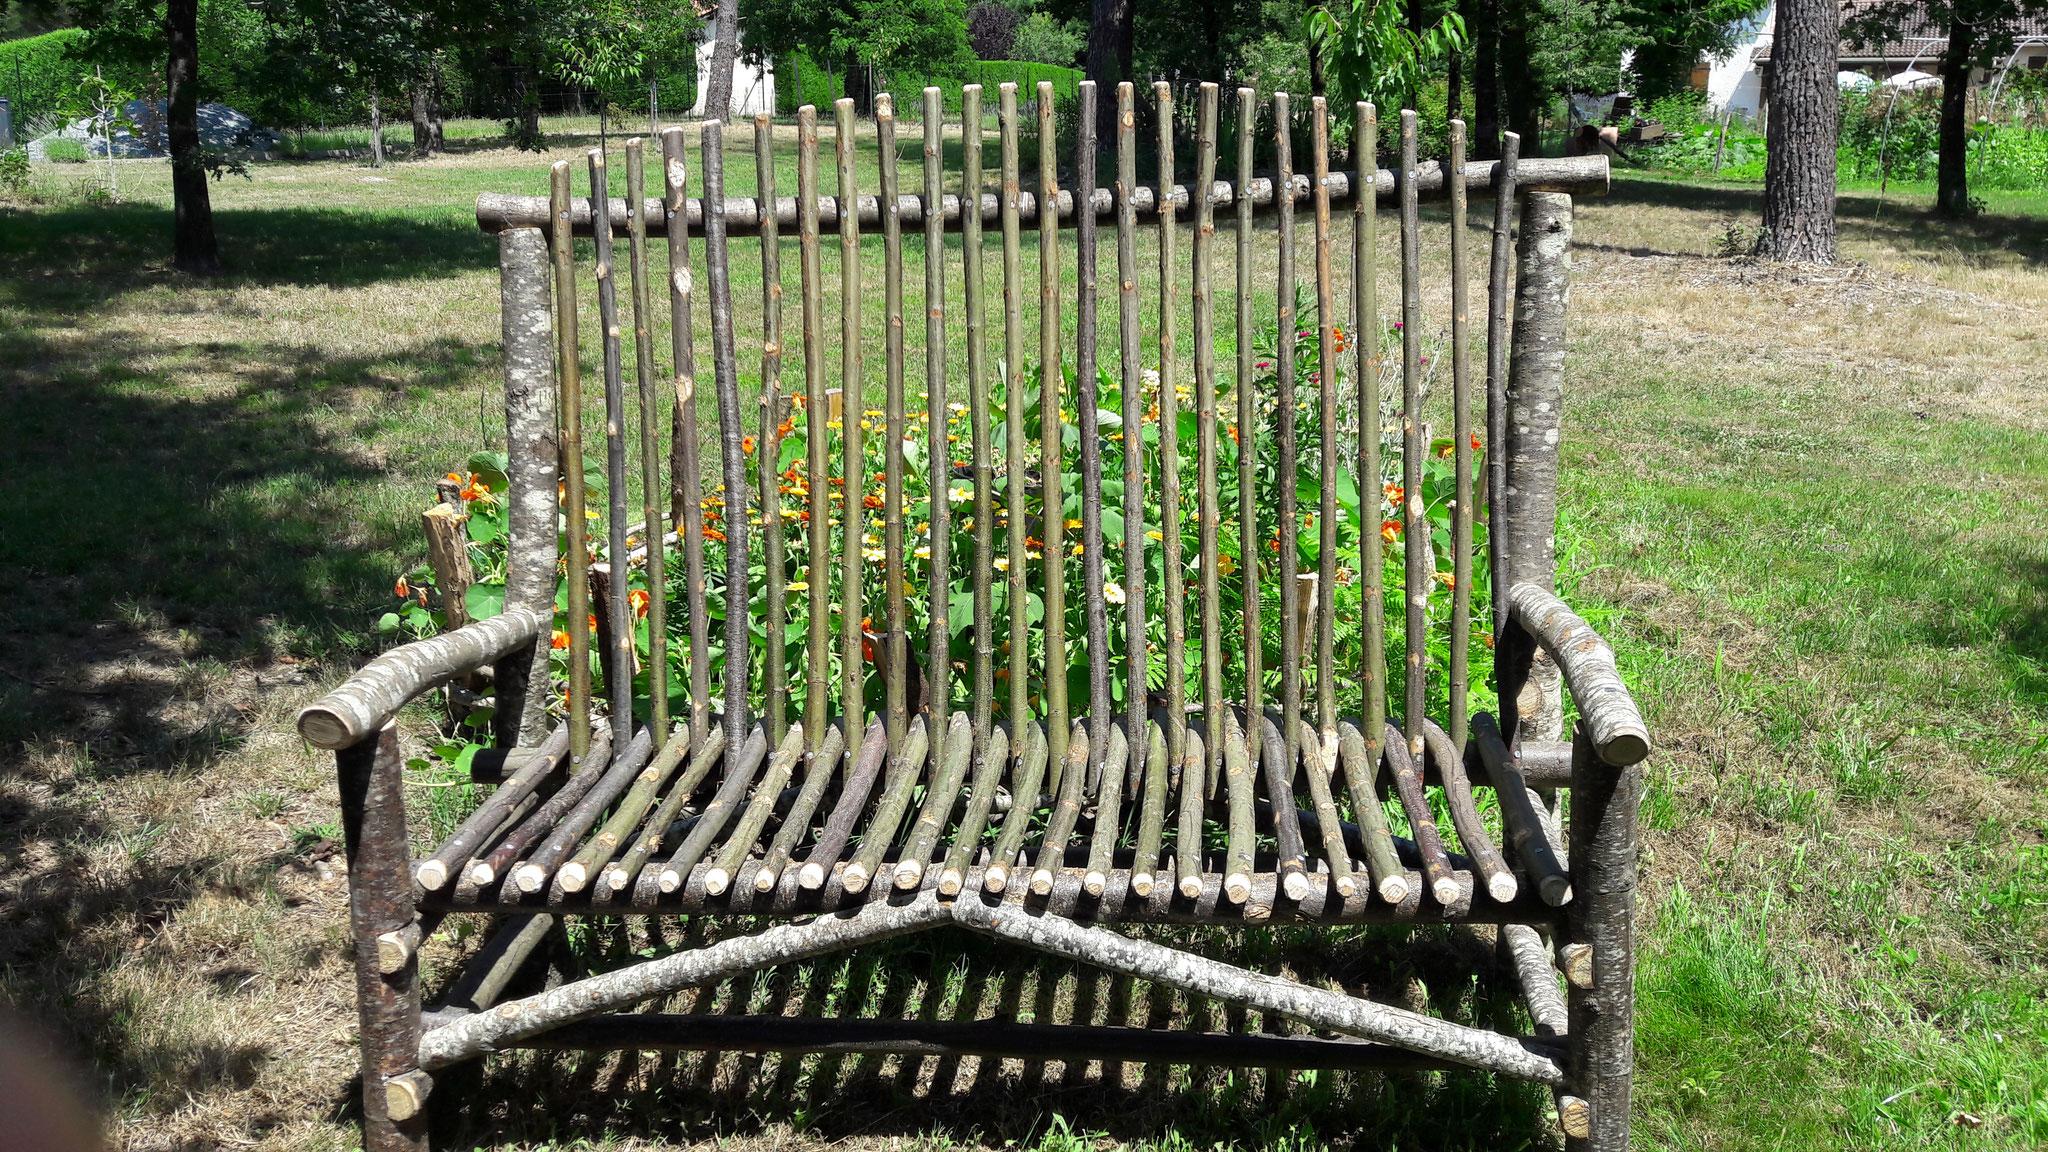 Mobilier Bois Rond - Beleyme paysage